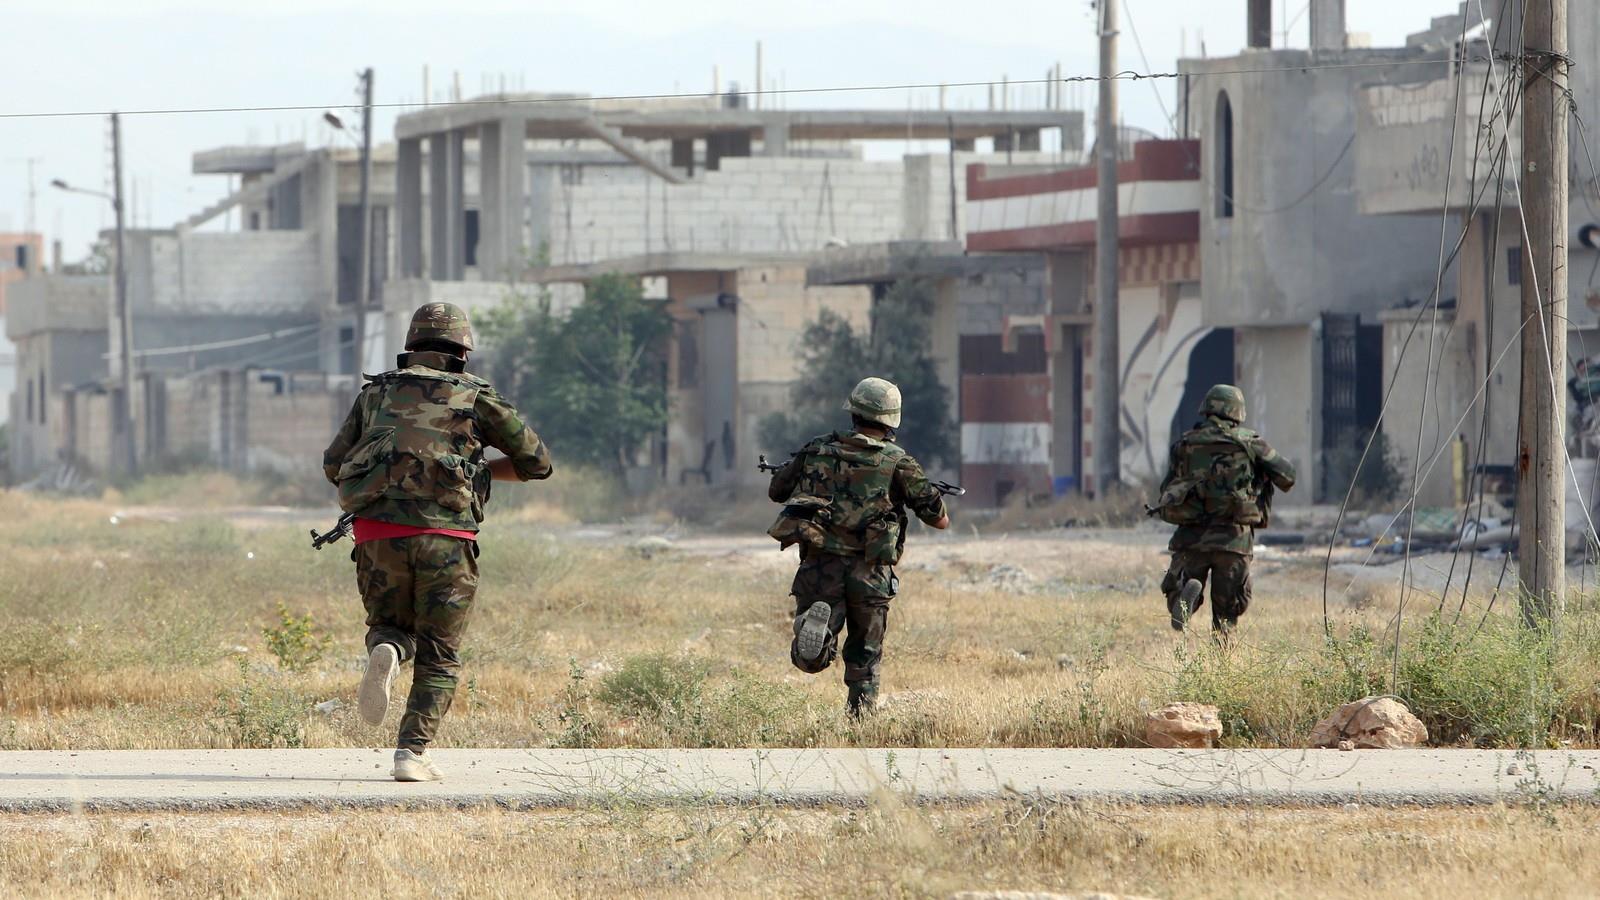 Ejército sirio sigue retomando el control en la zona sur fronteriza con Jordania